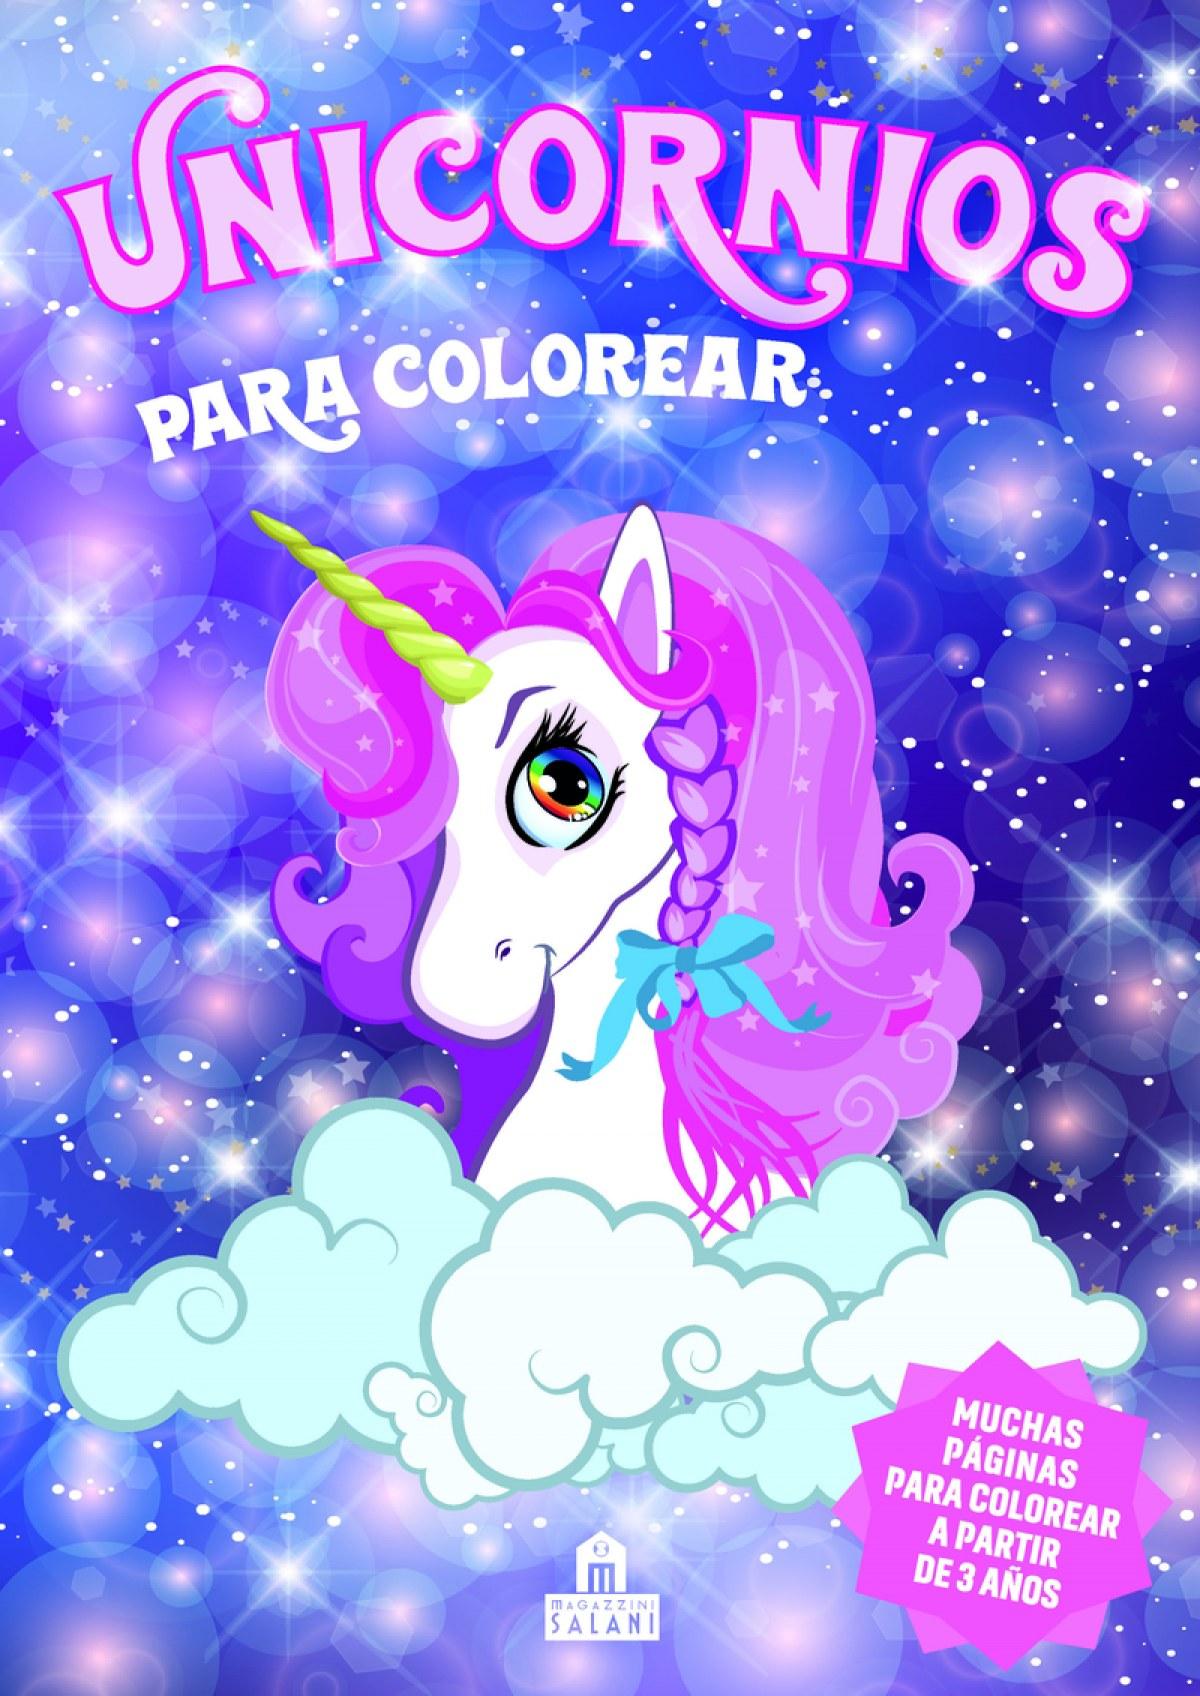 Unicornios para colorear